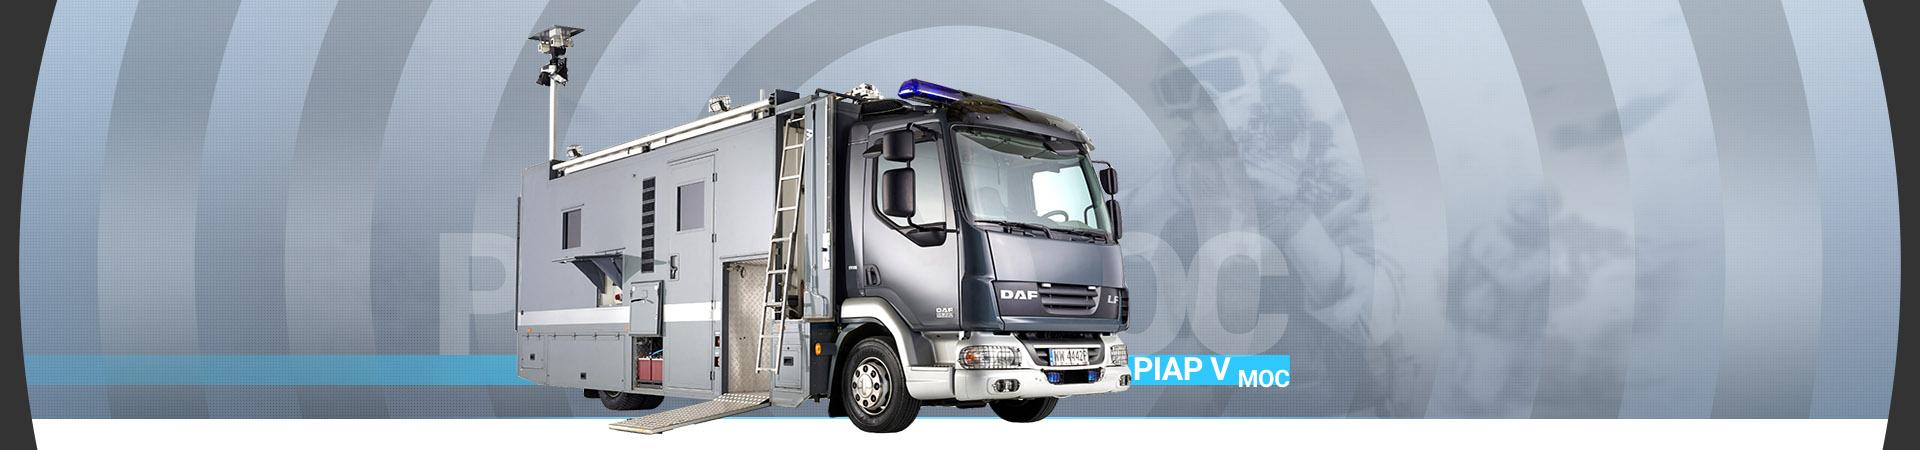 1920x450-piap-v-moc